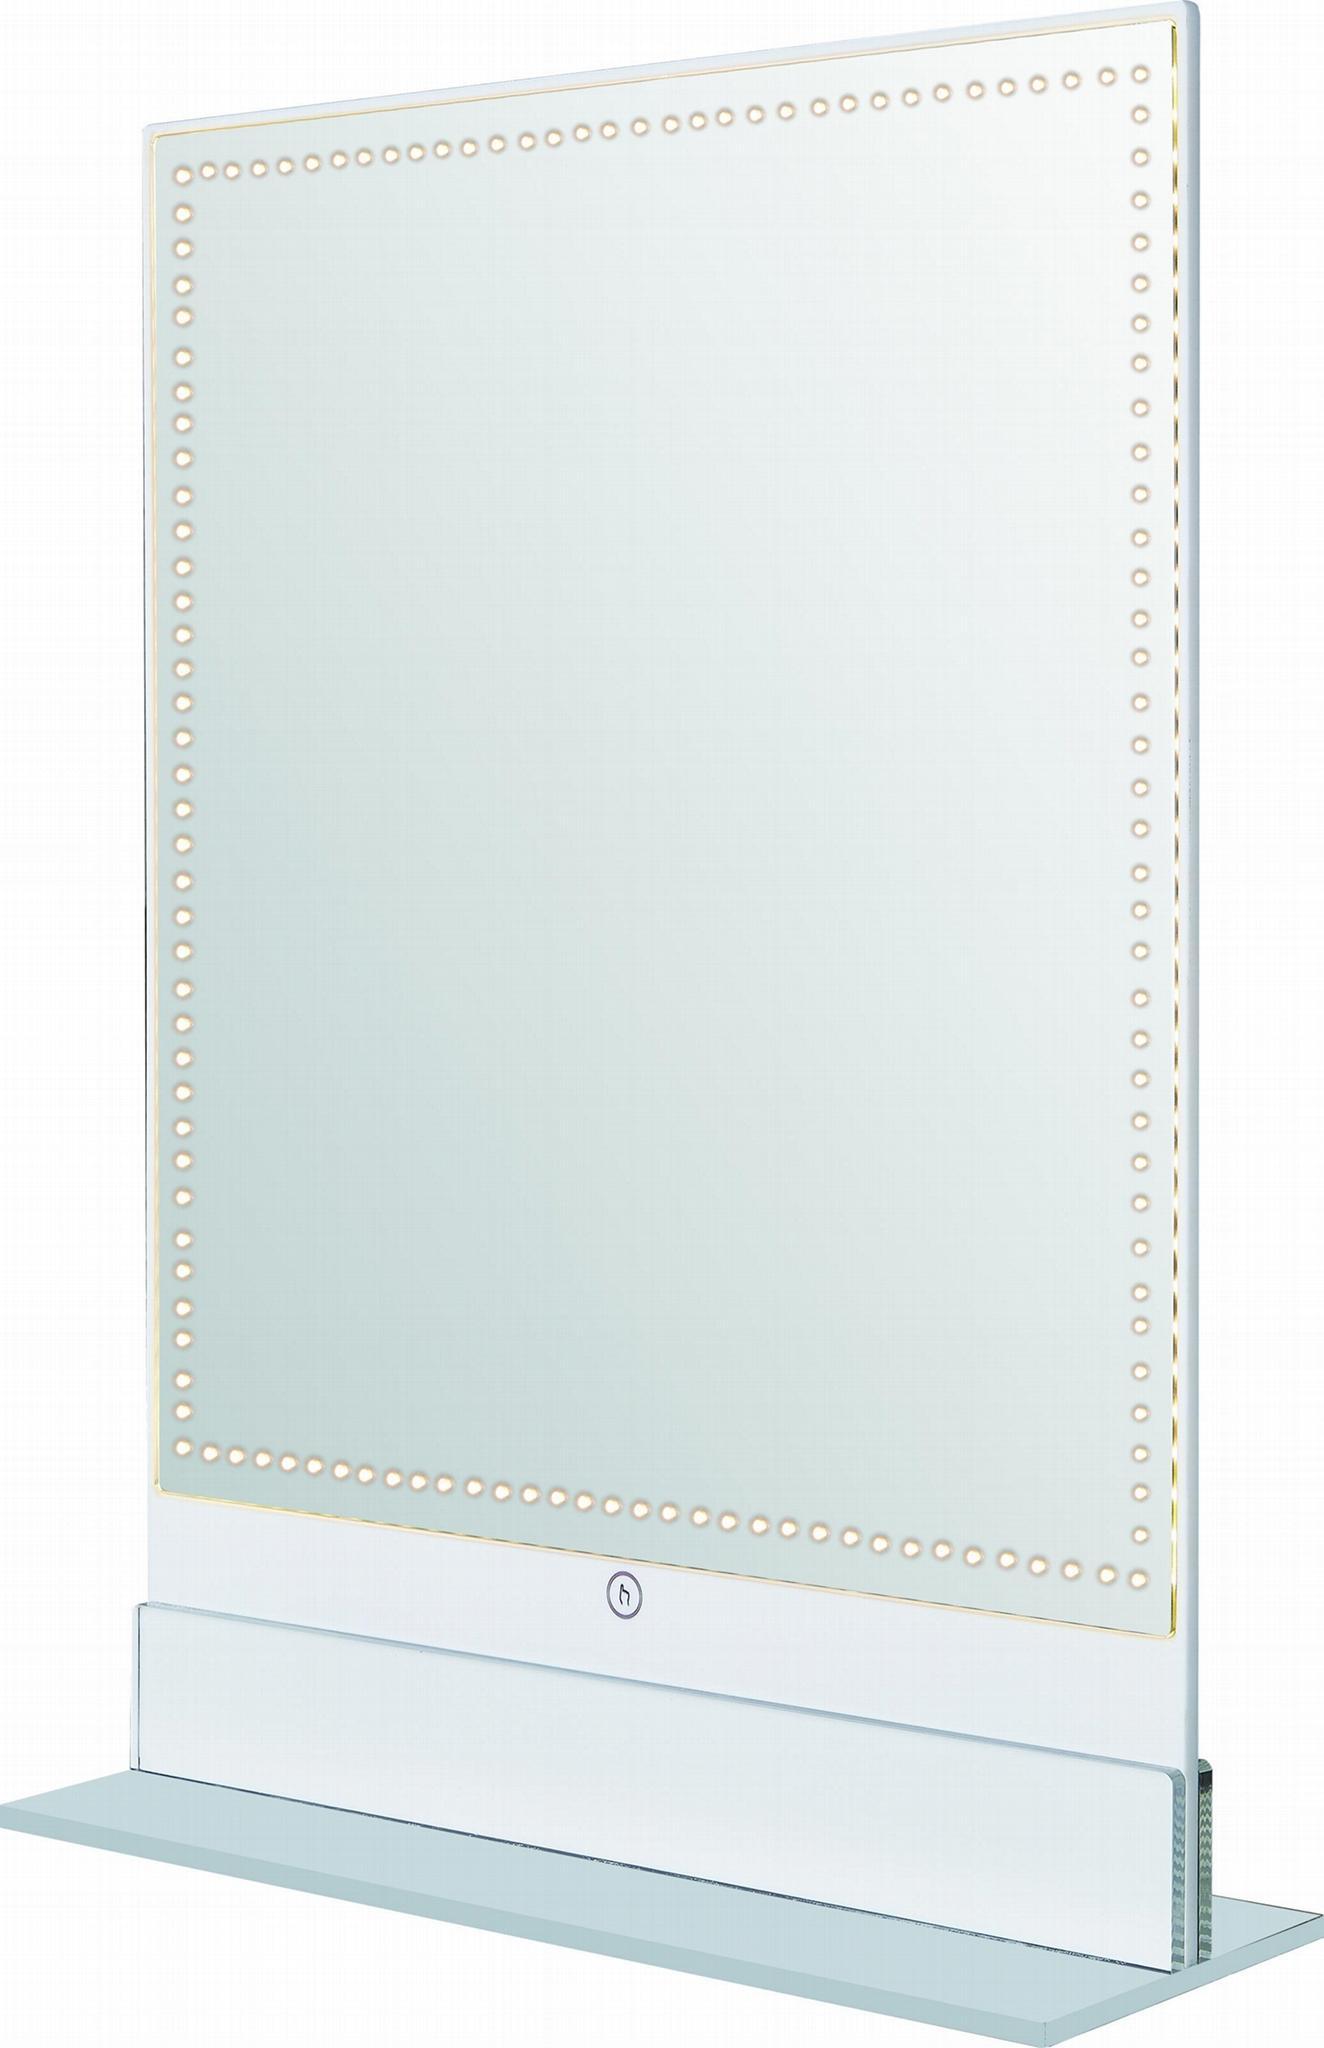 LED Lighted Vanity Mirror Bathroom mirror 2